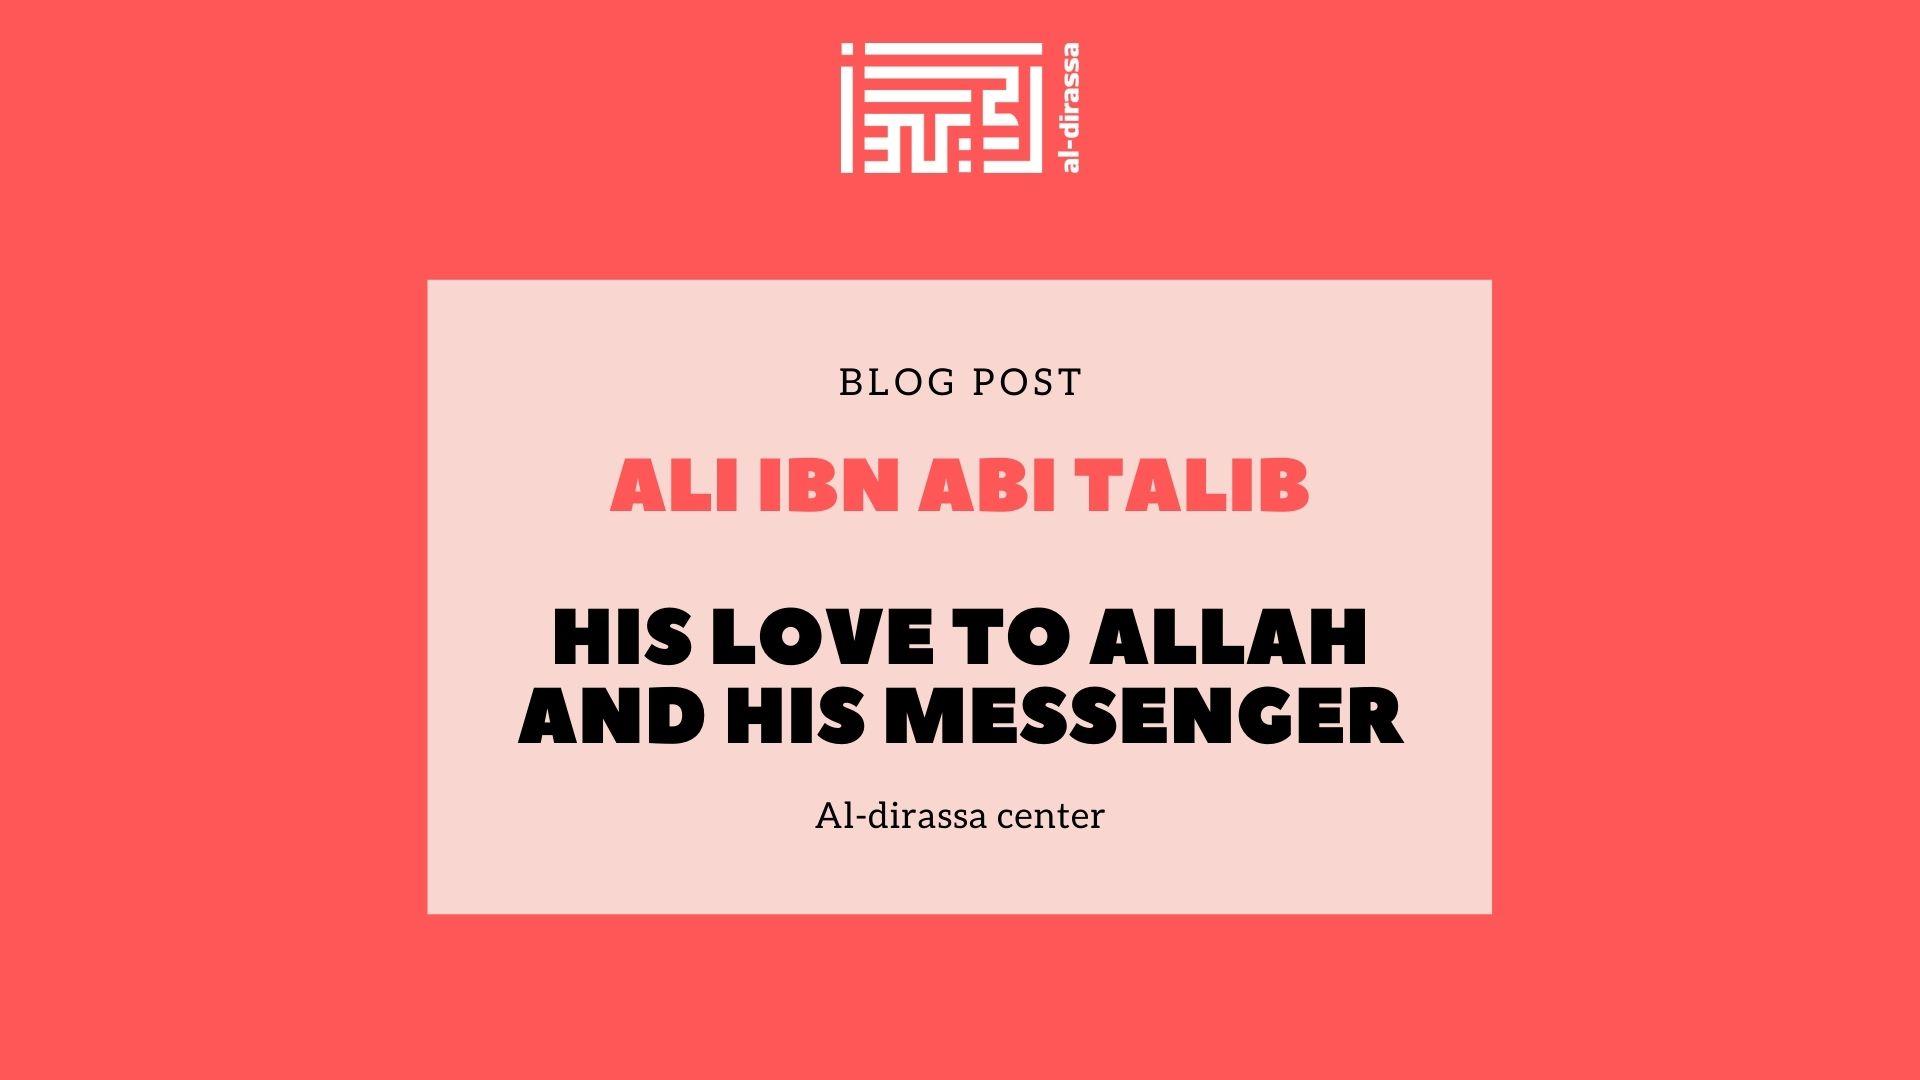 Ali ibn Abi Talbi- 4th Caliph of Islam